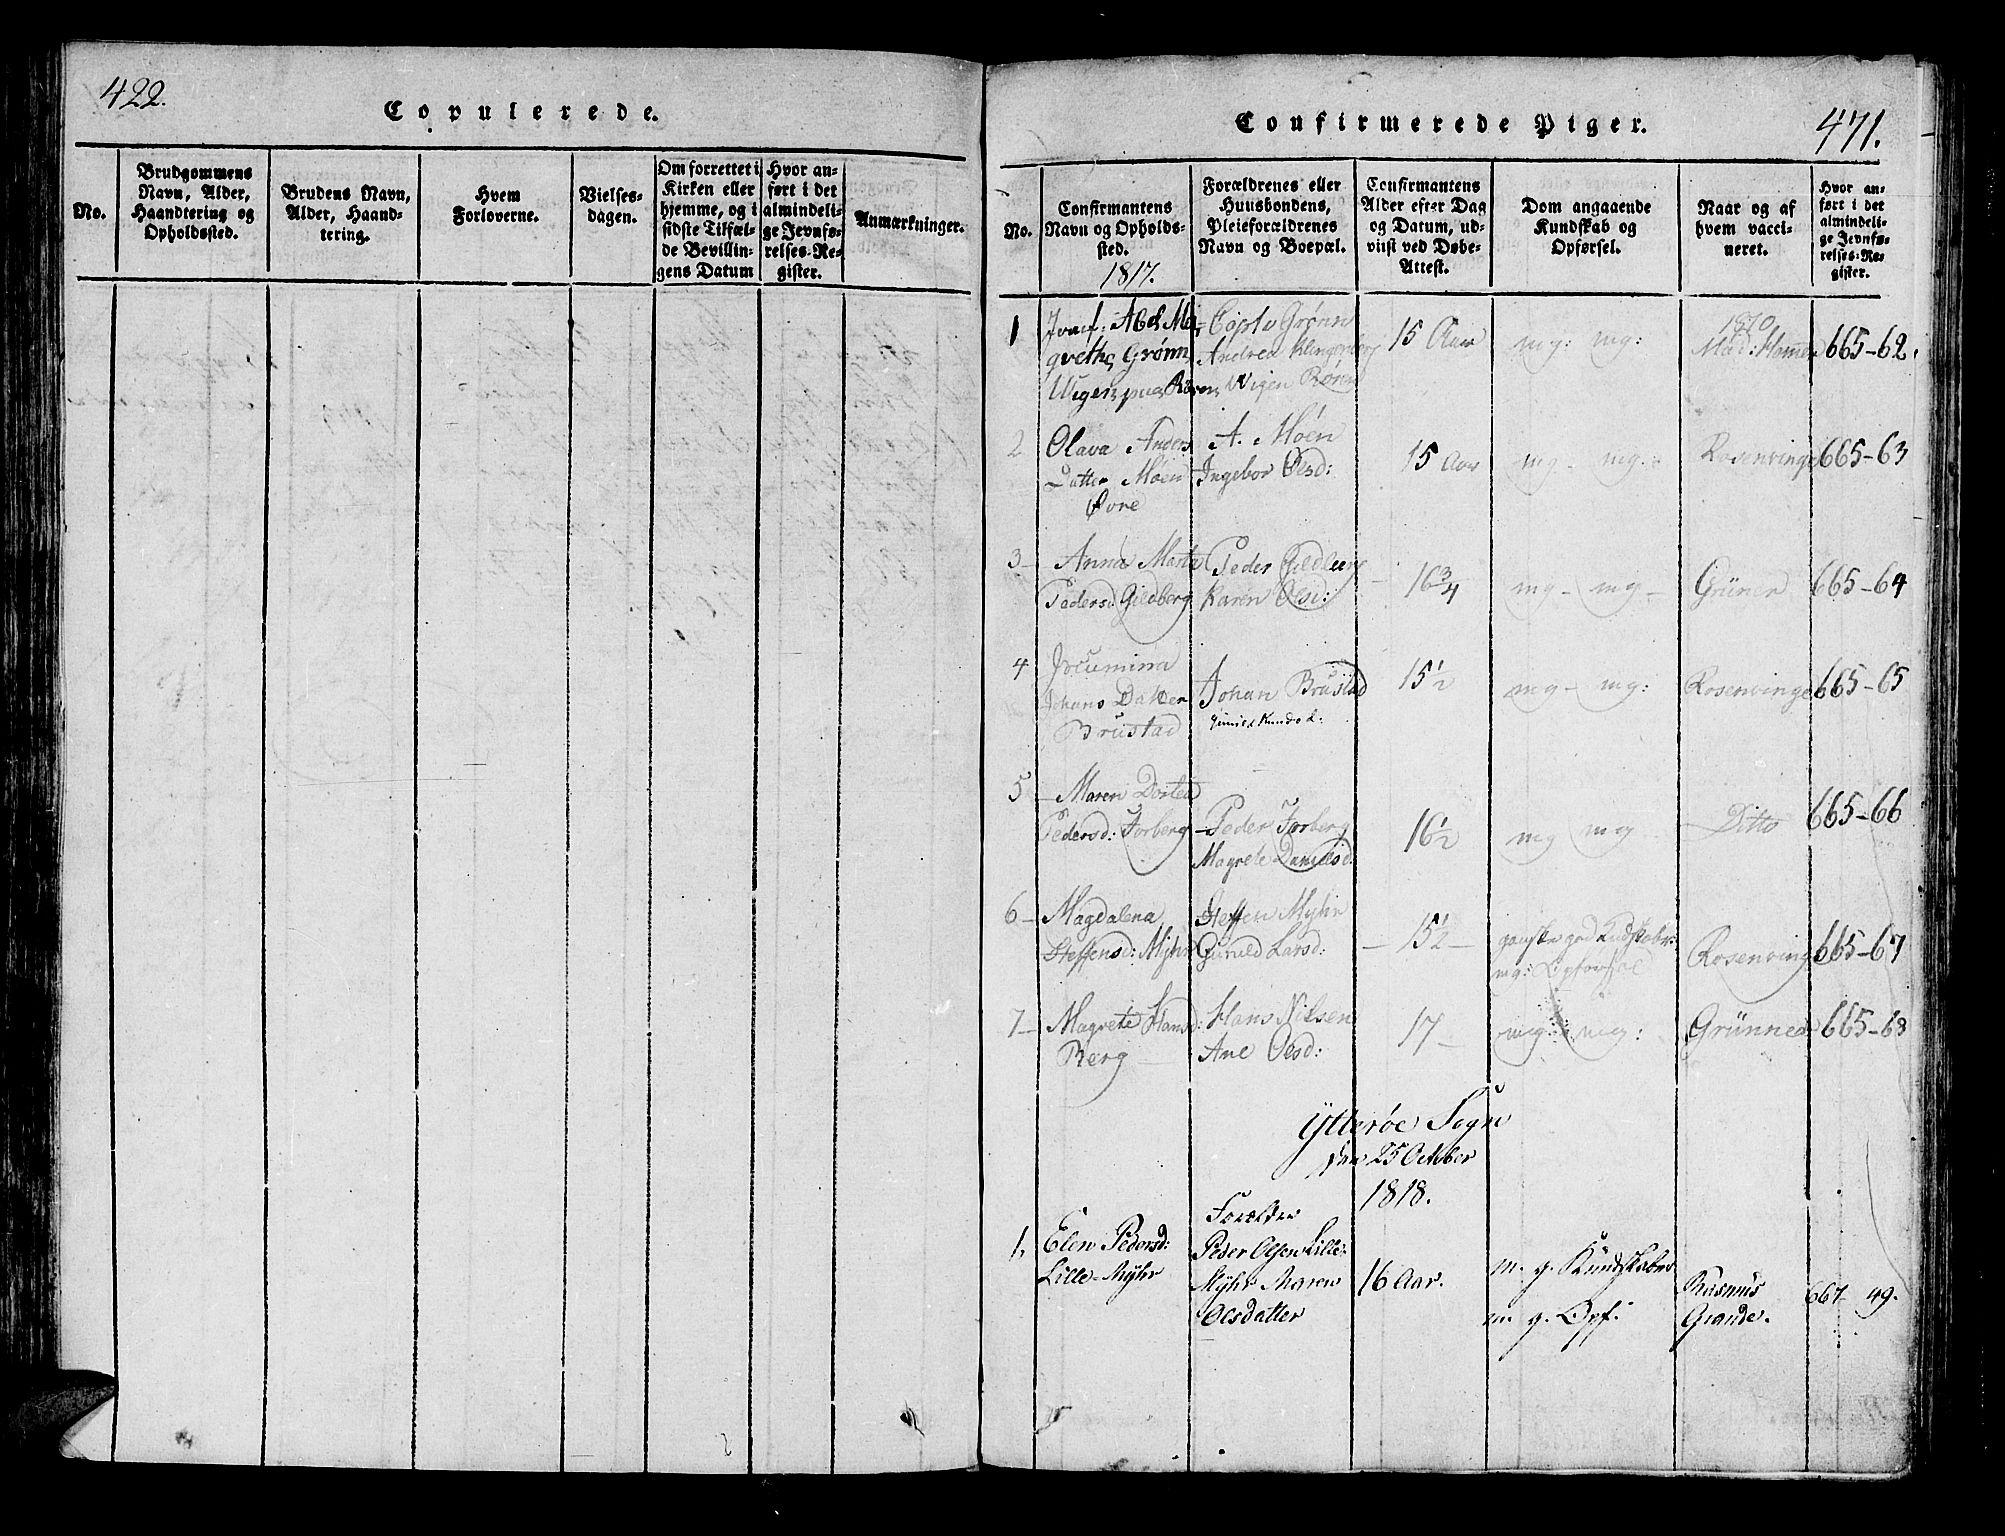 SAT, Ministerialprotokoller, klokkerbøker og fødselsregistre - Nord-Trøndelag, 722/L0217: Ministerialbok nr. 722A04, 1817-1842, s. 422-471